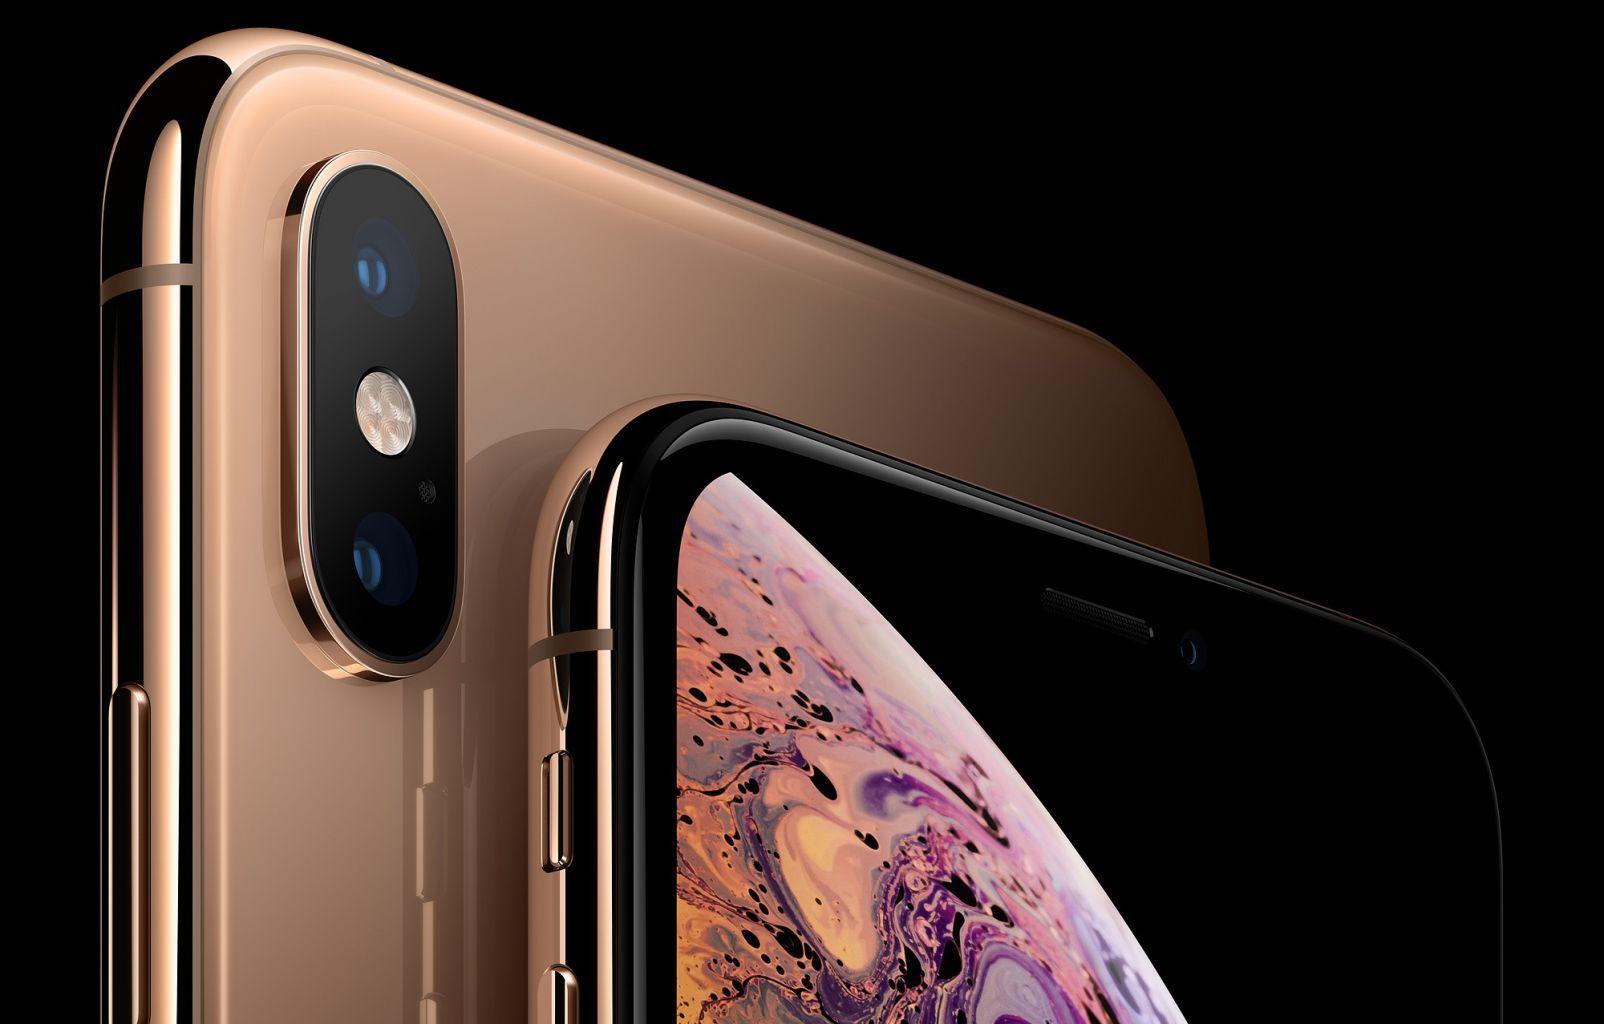 苹果新一代iPhone XS 和 iPhone XS Max 预购量表现平平